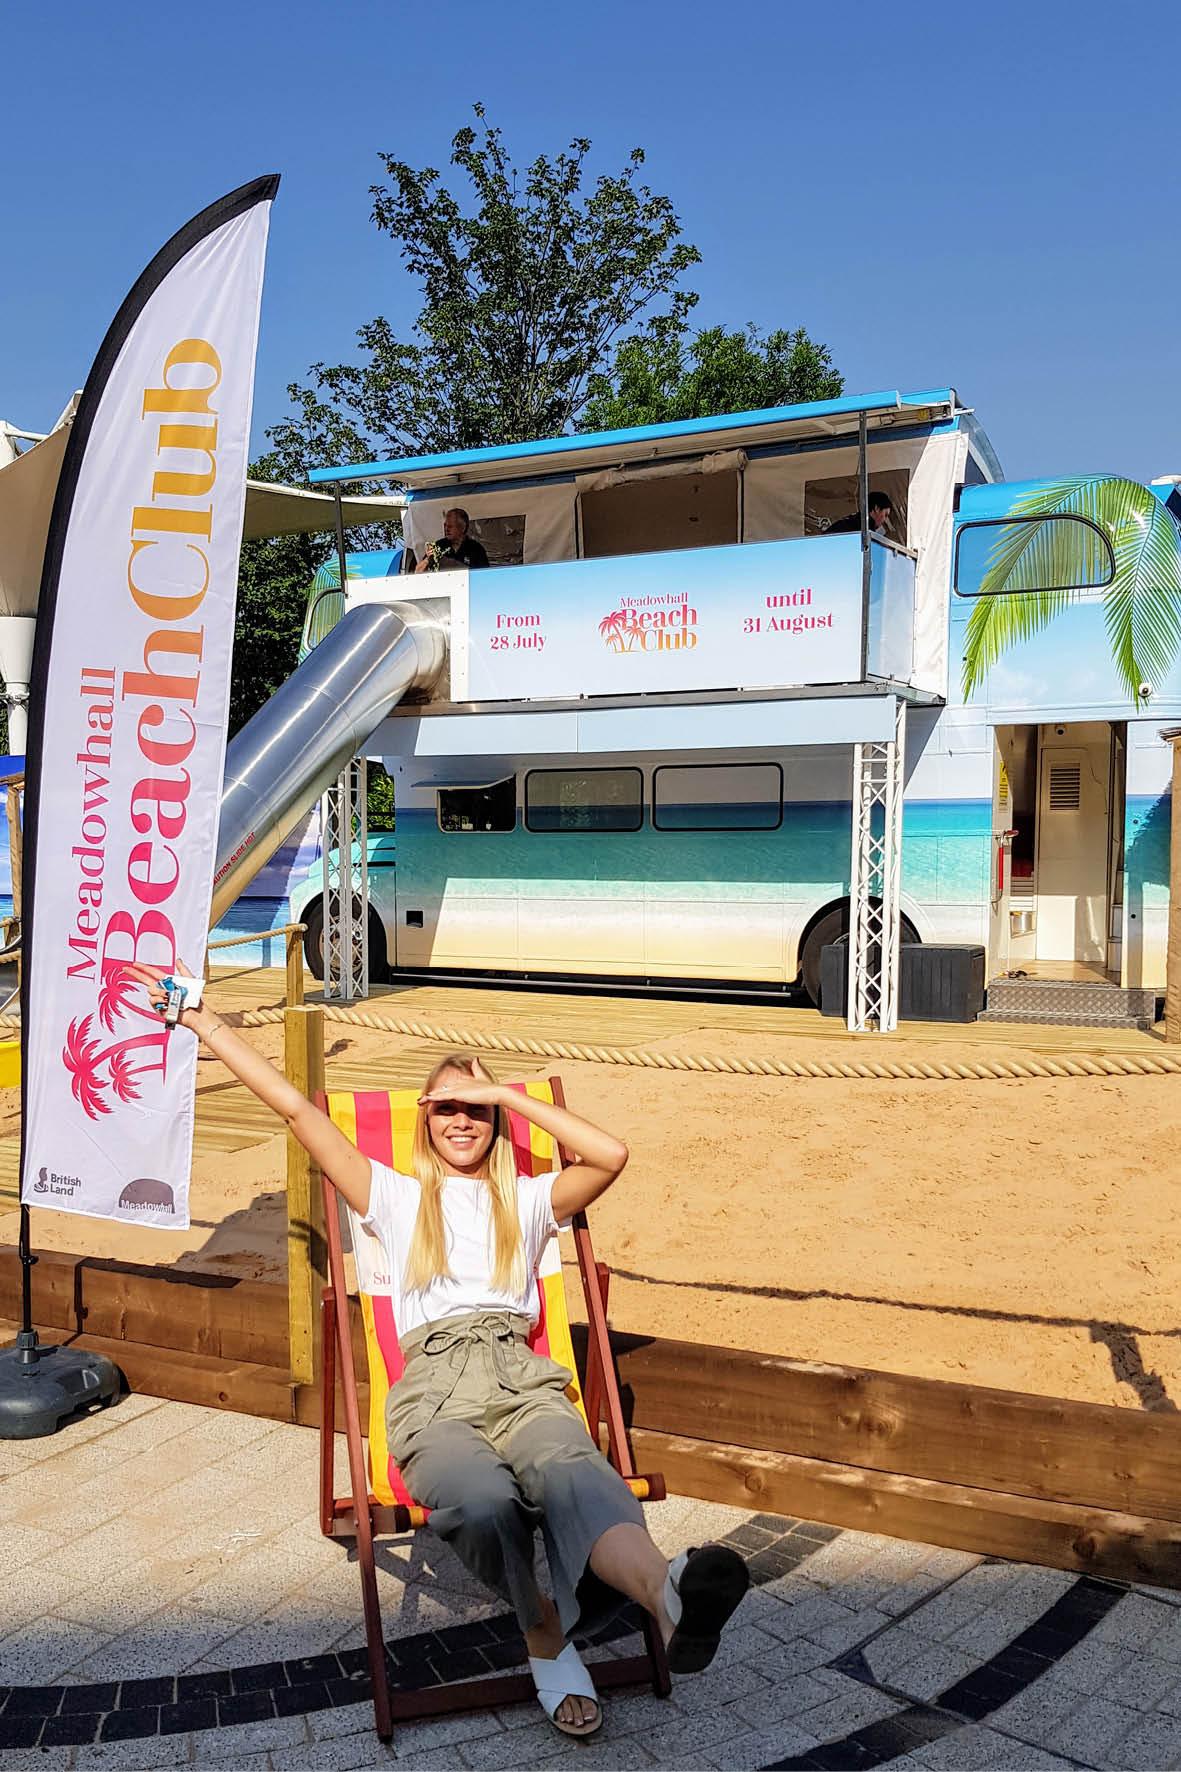 bus_business_meadowhall_beach_club_p_2.jpg